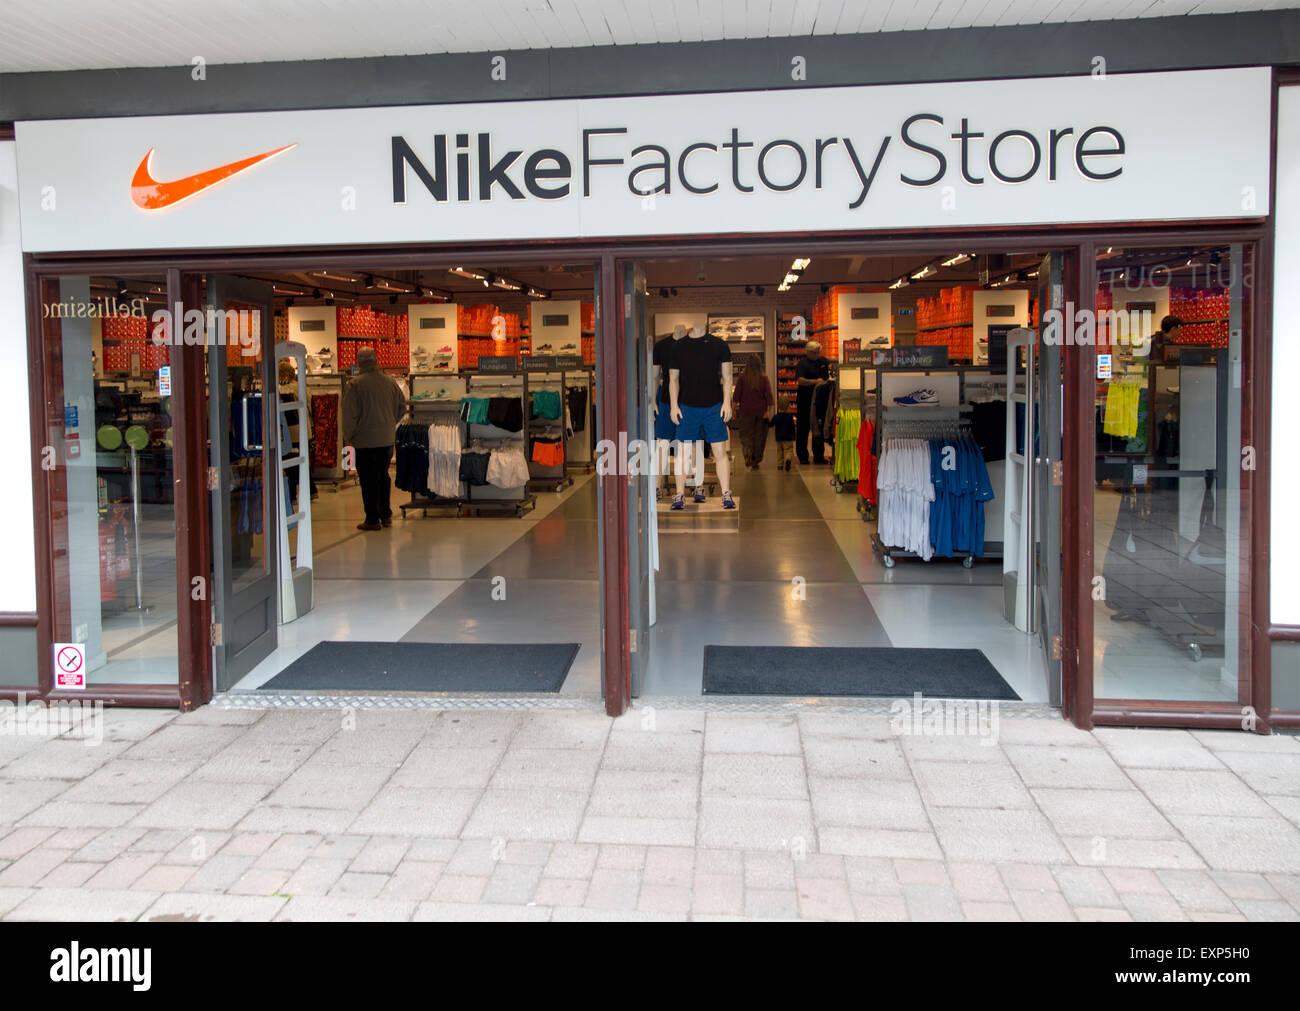 Fotos Factory Stockamp; De Imágenes Nike Store ARjS3L45qc